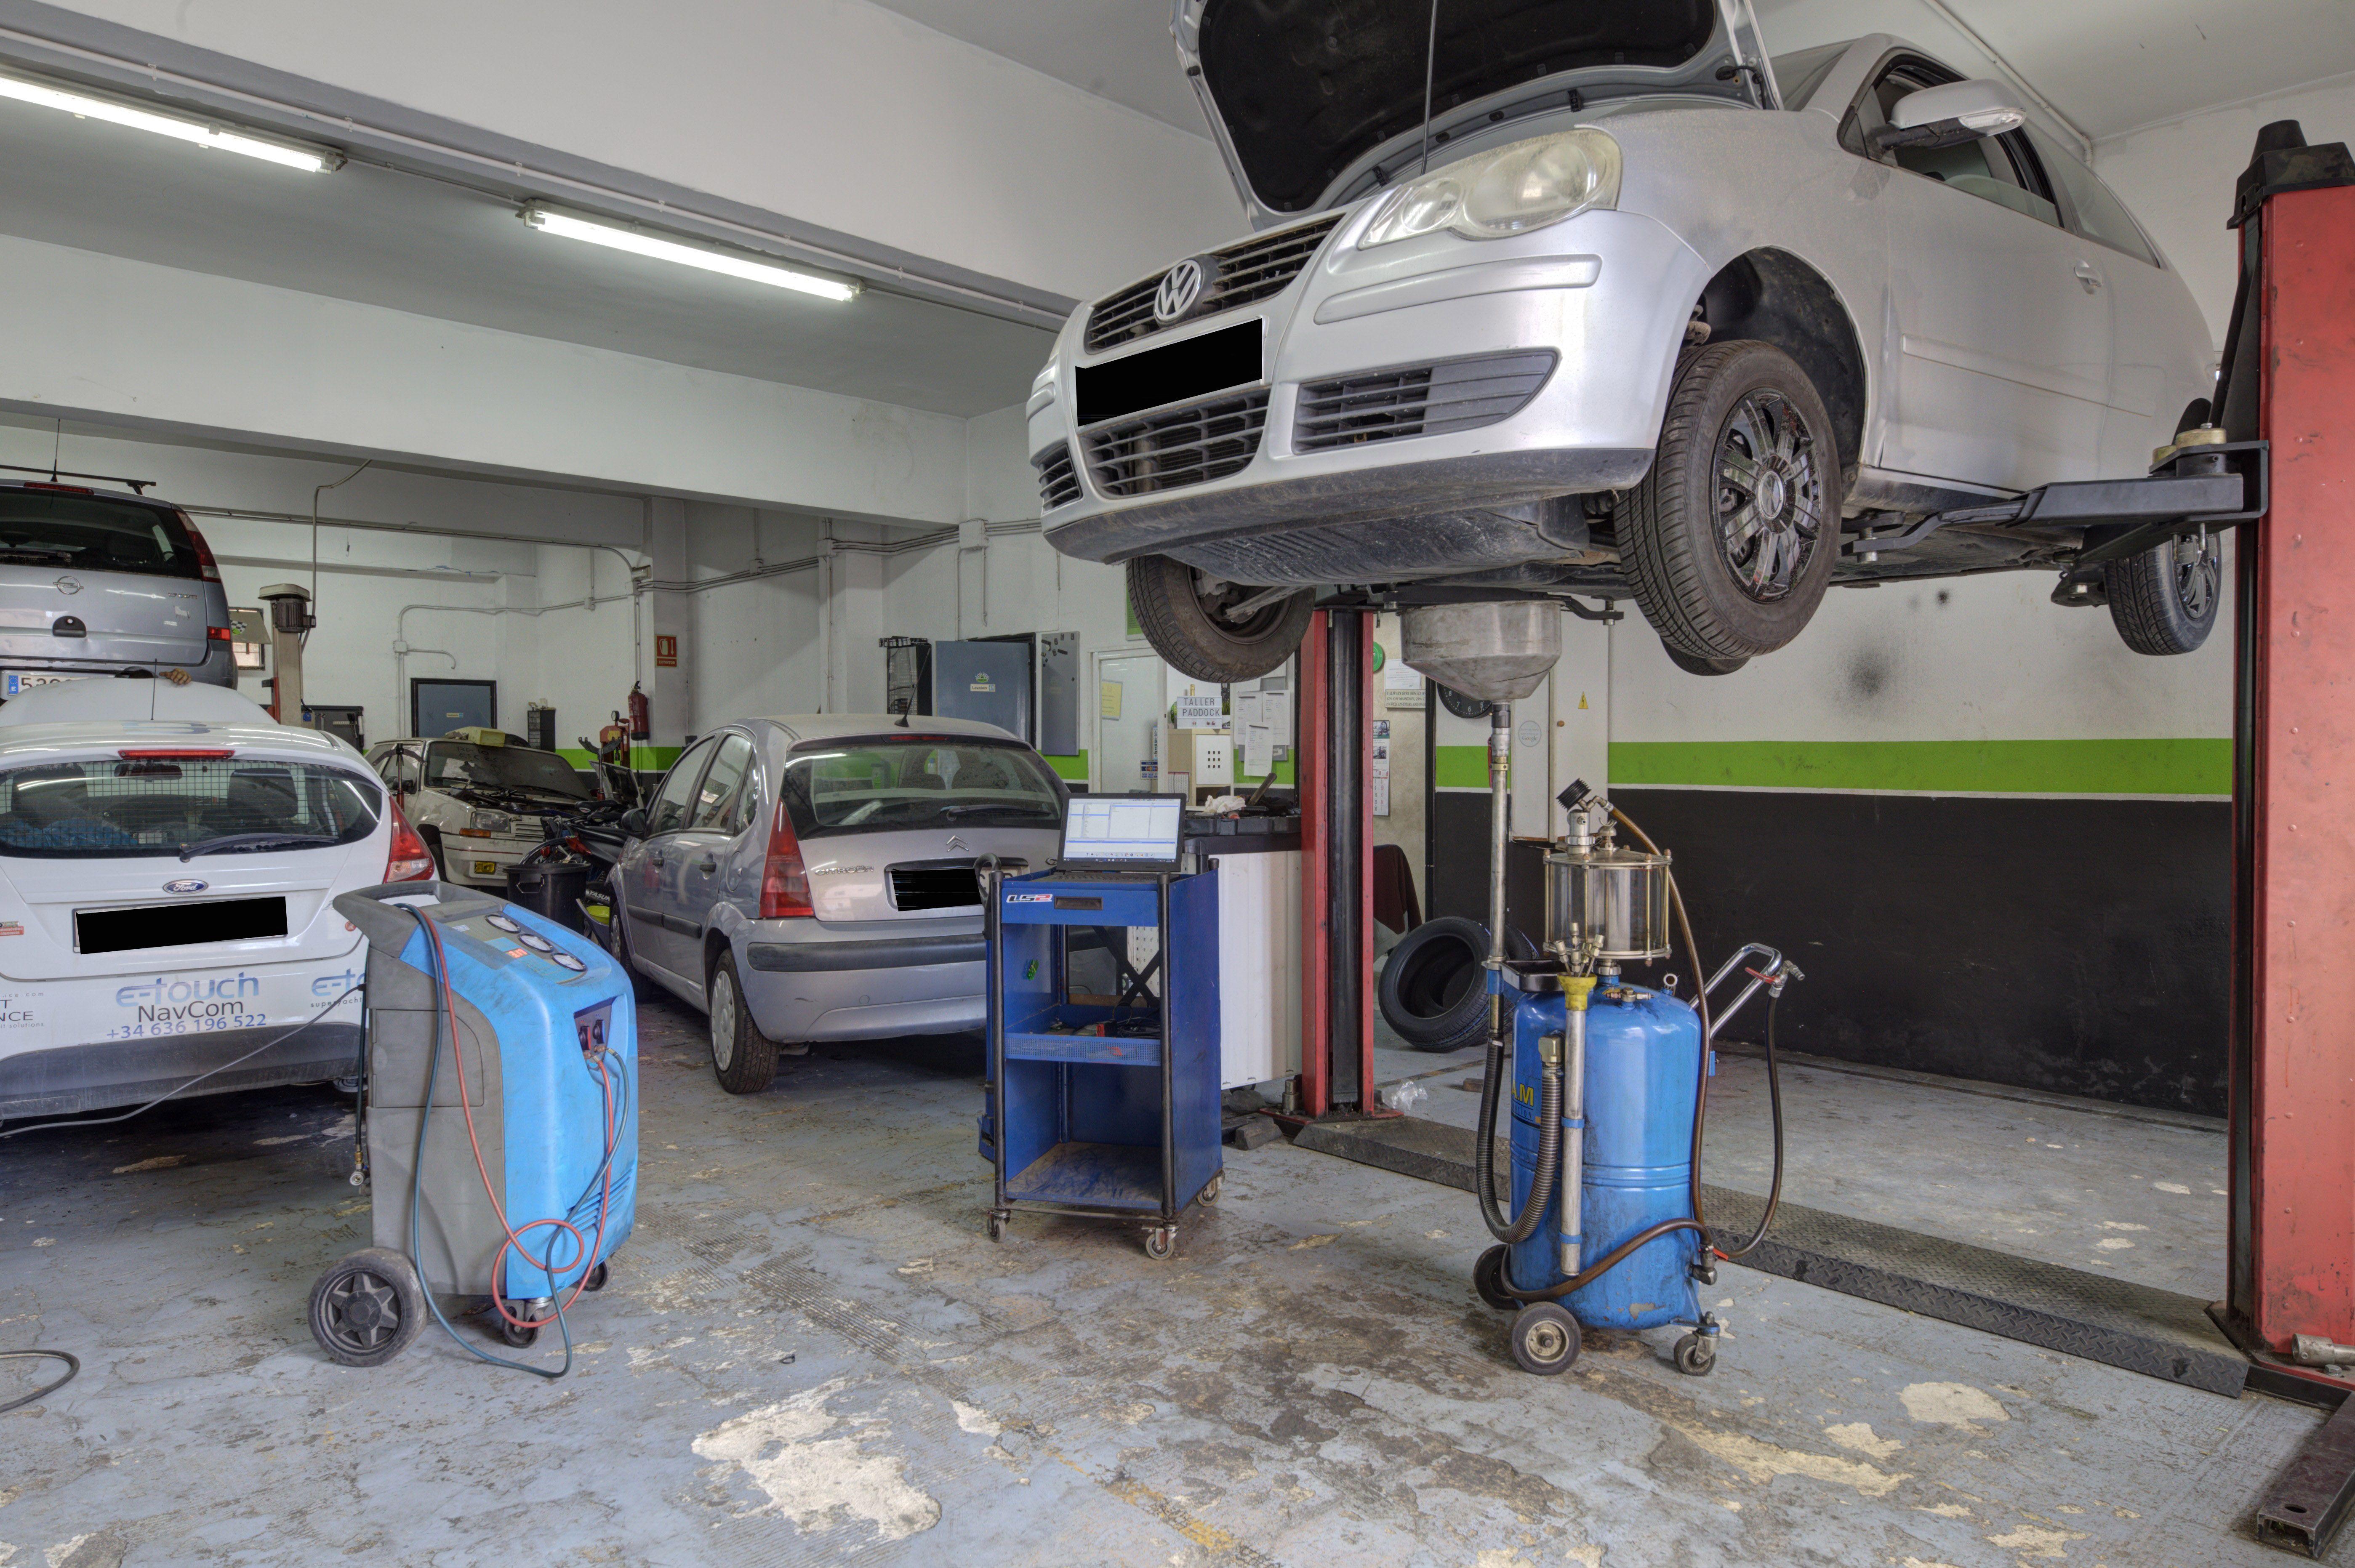 Revisión y reparación de vehículos en Palma de Mallorca